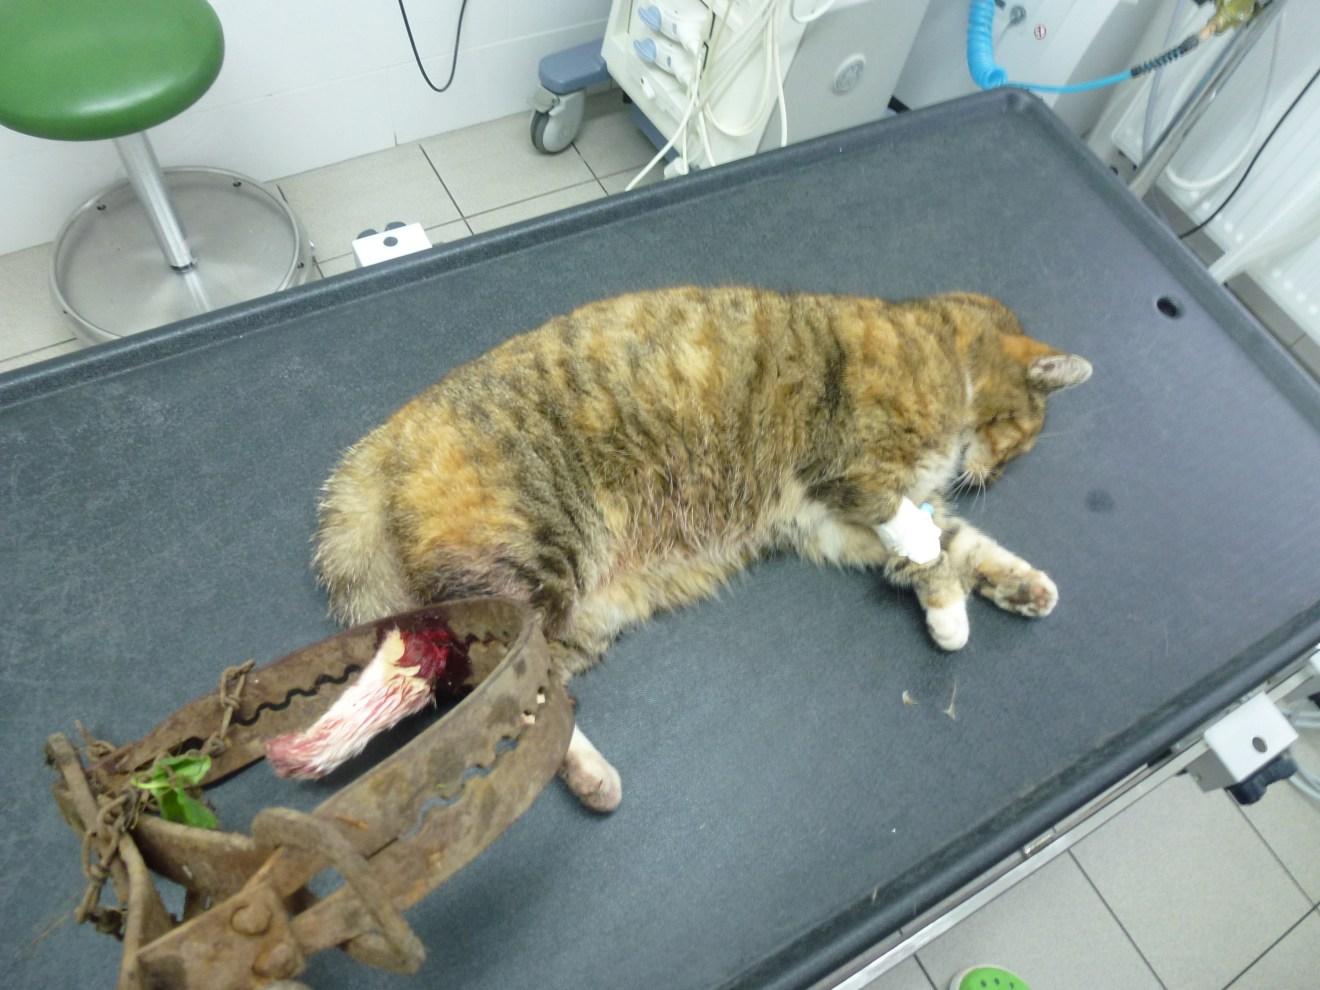 Tiere in Sachsen leiden enorm durch heimtückische Jagdmethode